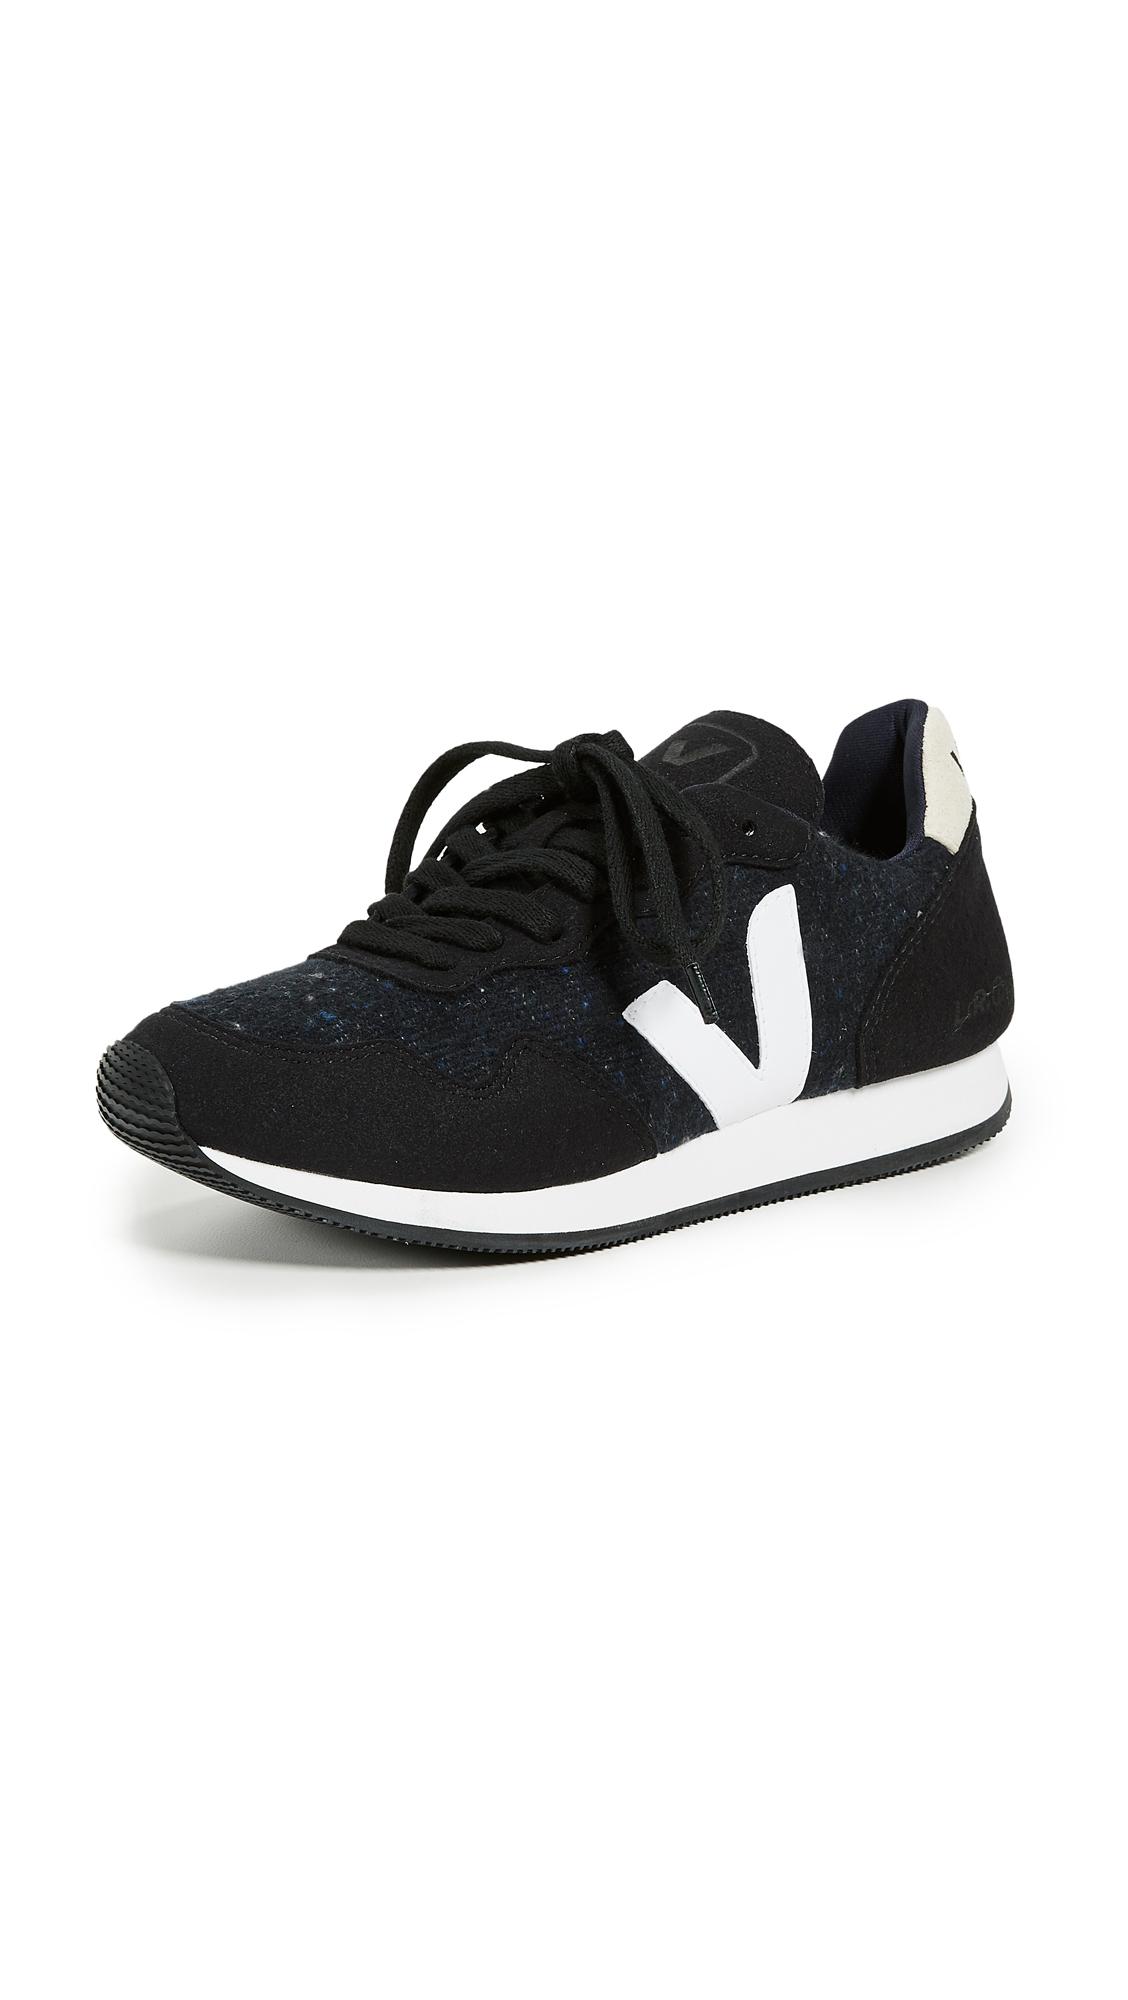 Veja SDU Sneakers - Dark Black/White